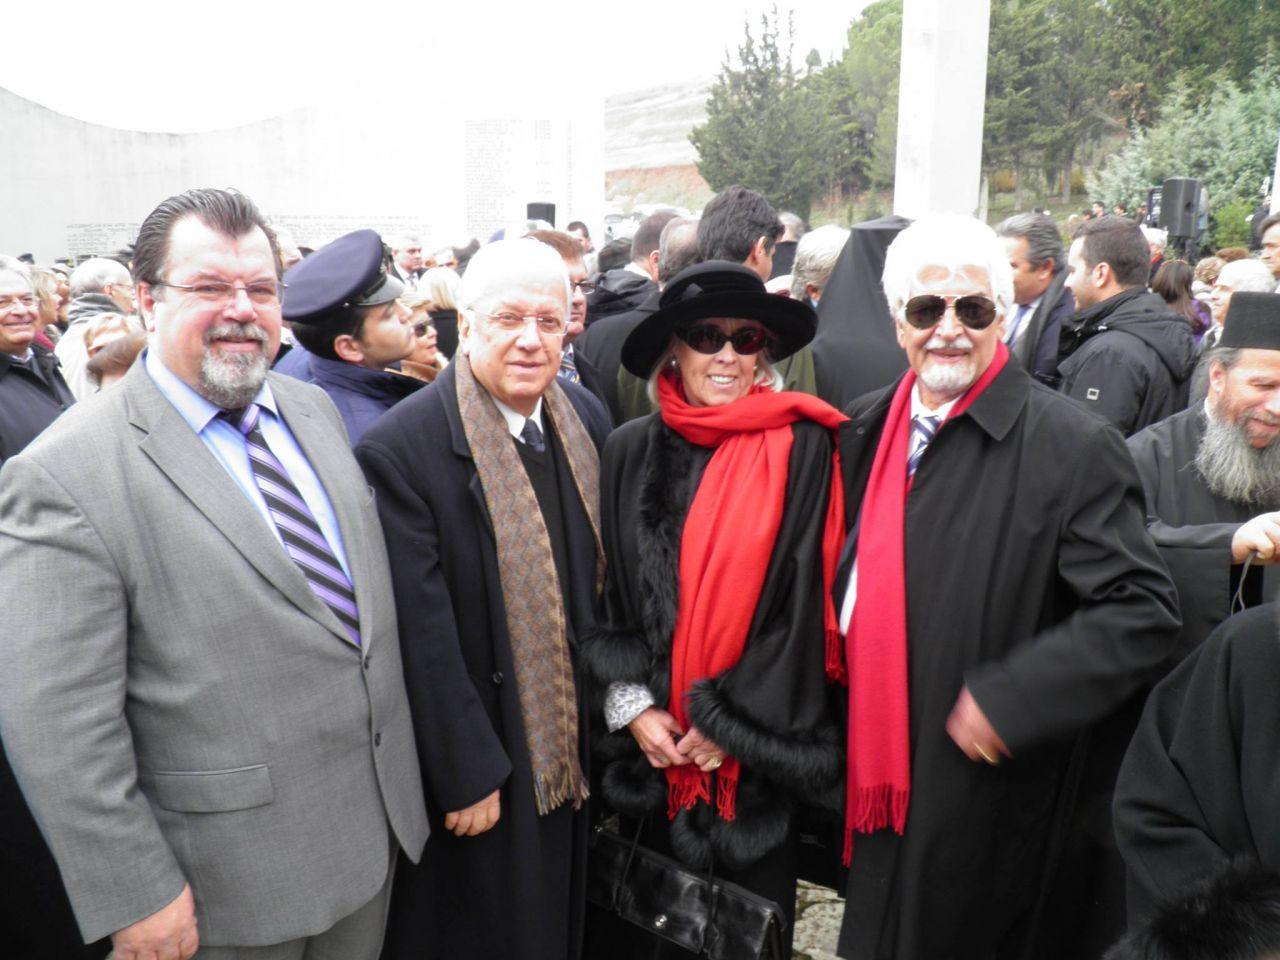 Συλλυπητήριο μήνυμα Παγκαλαβρυτινής Ένωσης για τον απώλεια του Θ.Γ.Σπυρόπουλου